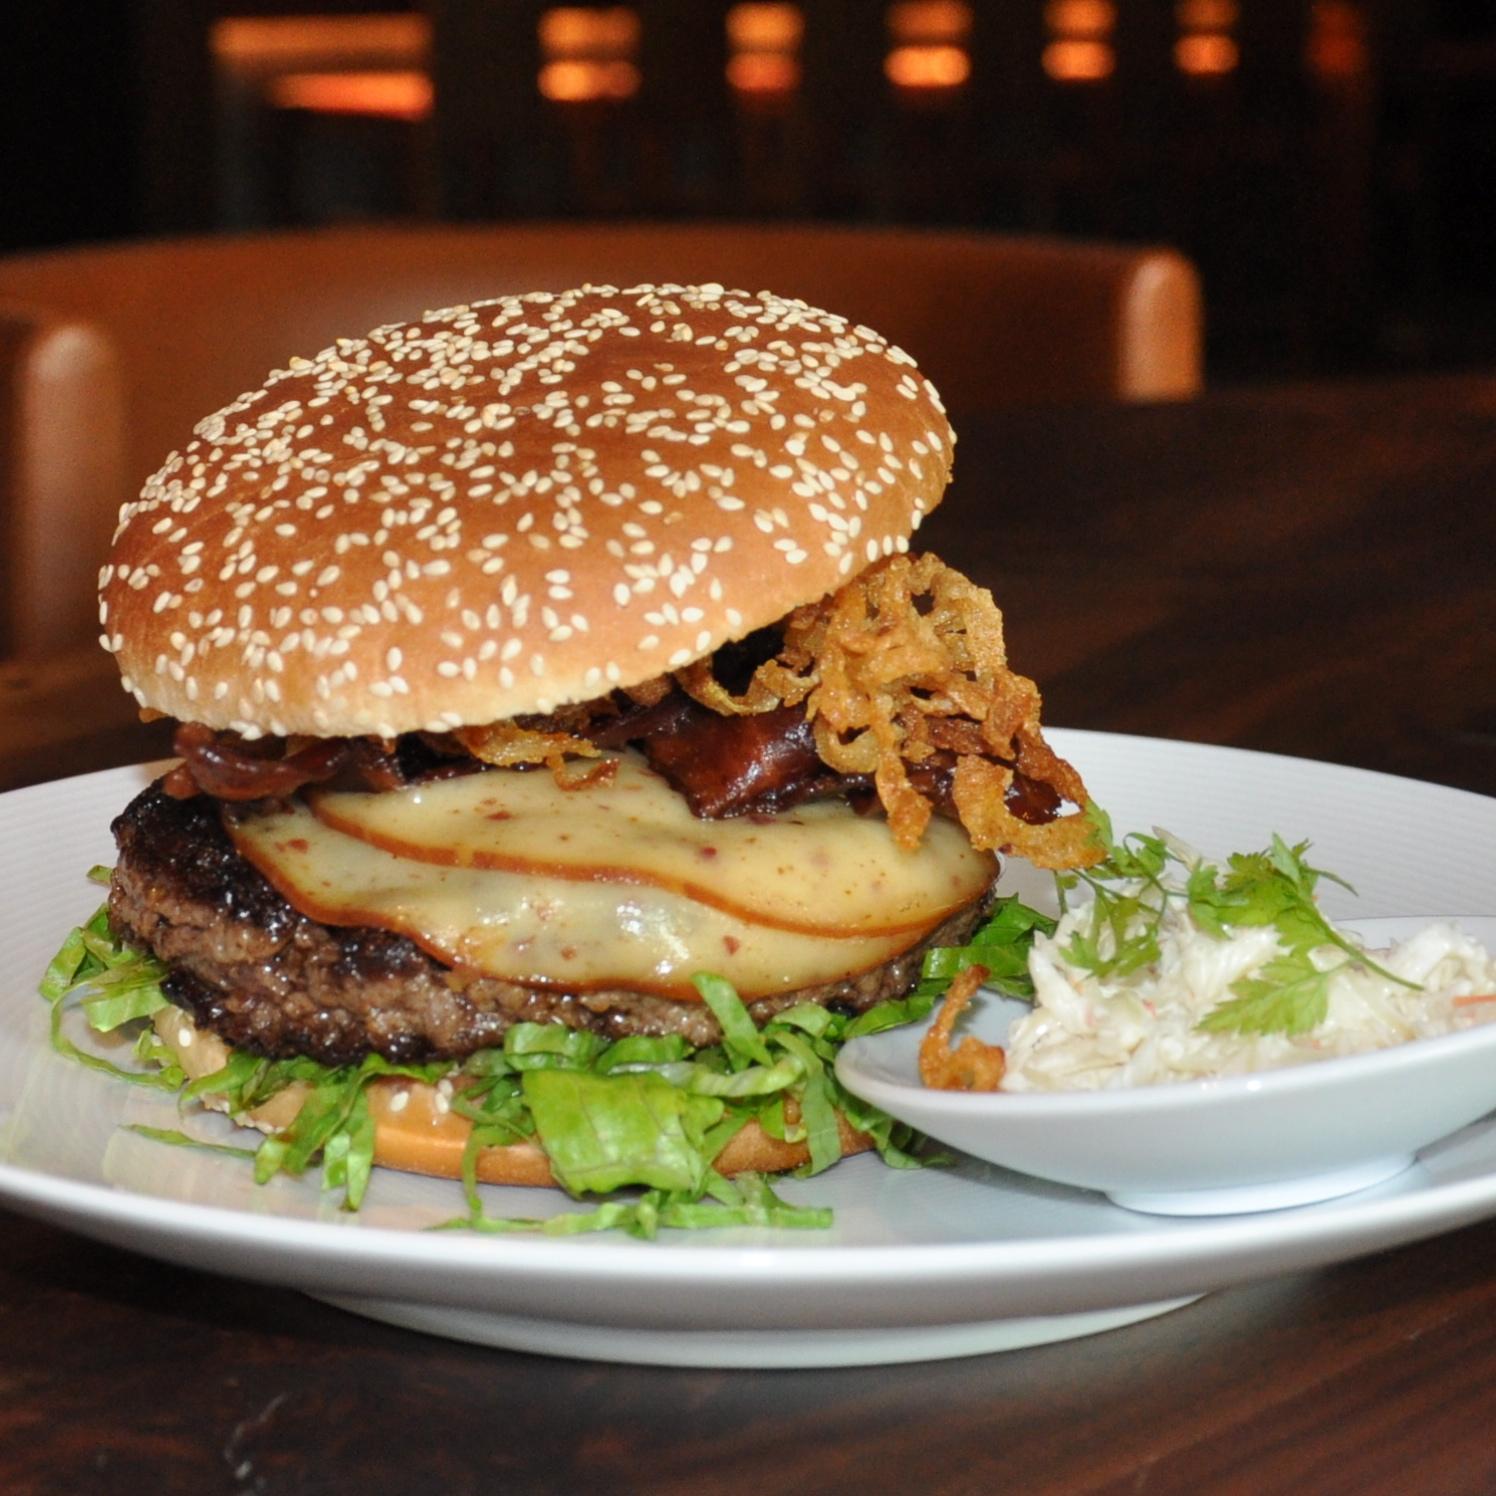 Tizian-Hyatt-Burger-essen-BBQ